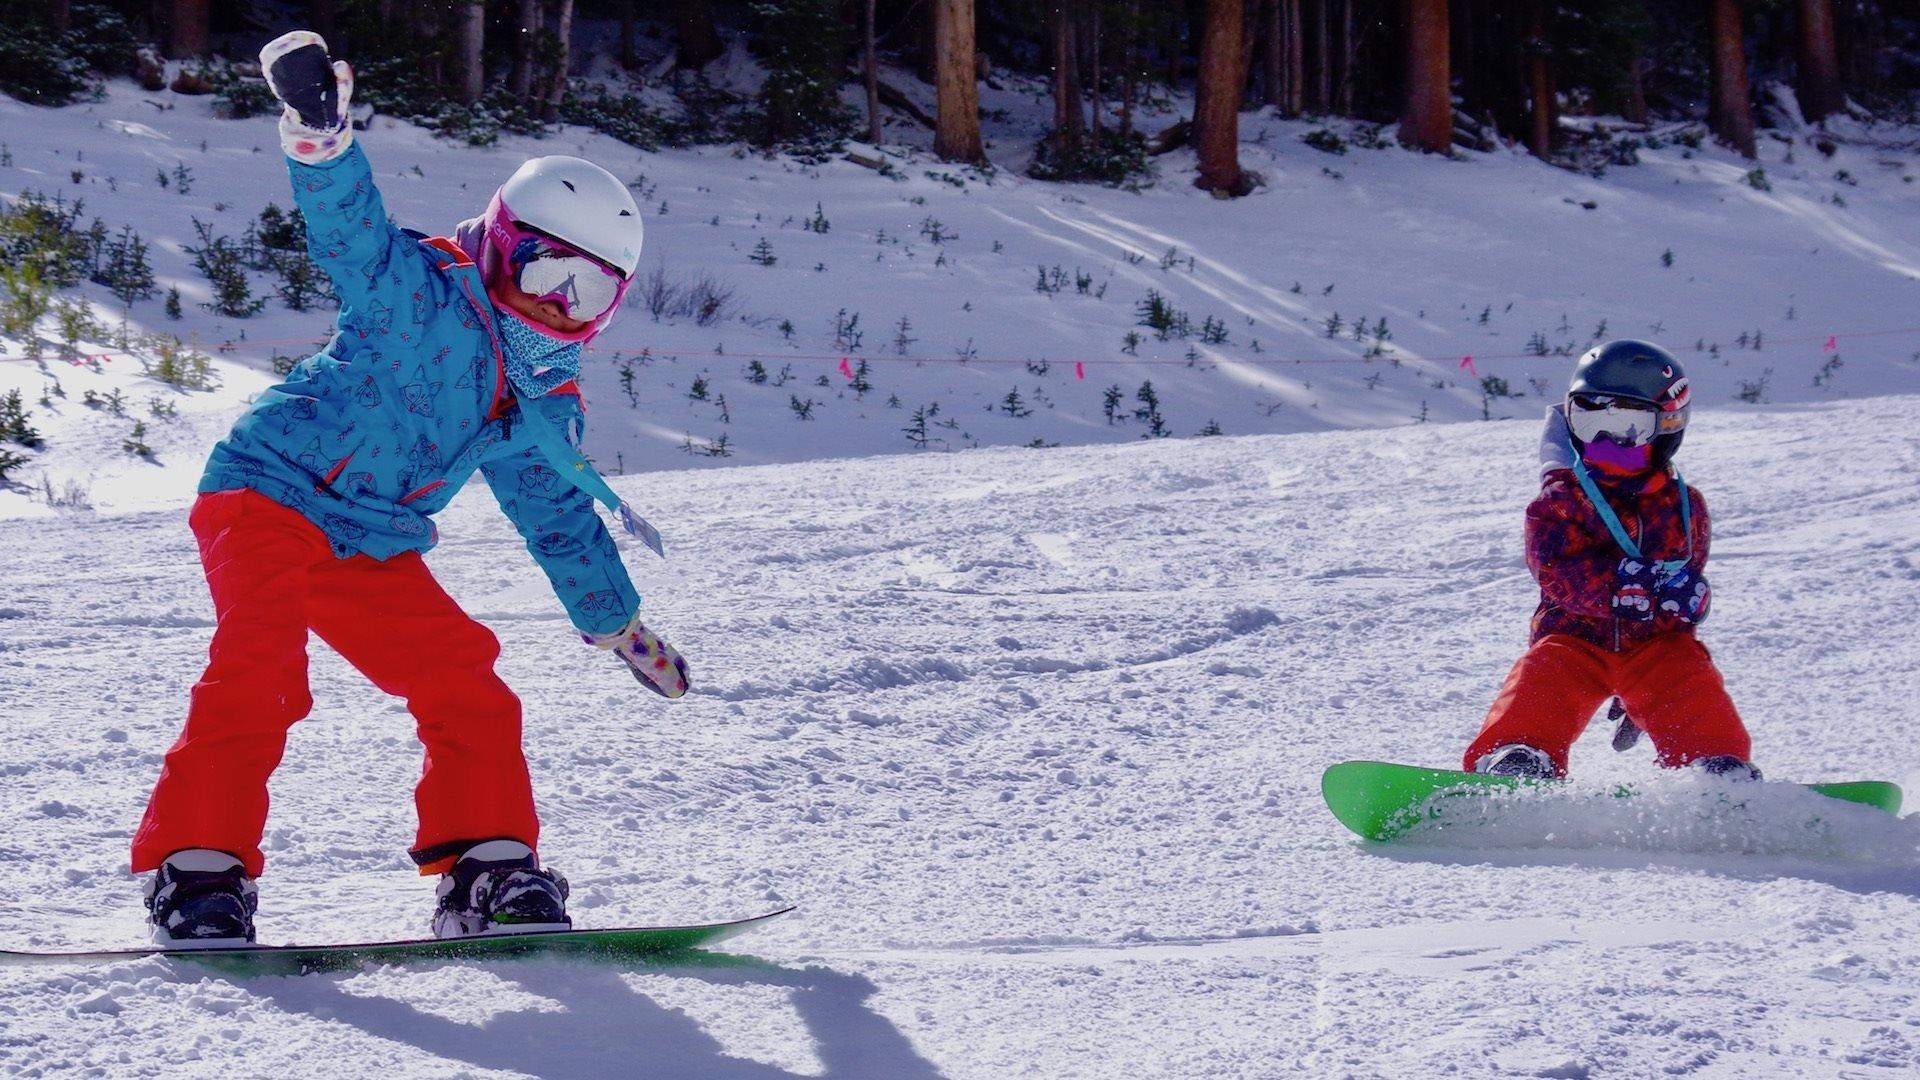 Loveland Ski Area opened for the season on Oct 20th. (Dustin Schaefer)